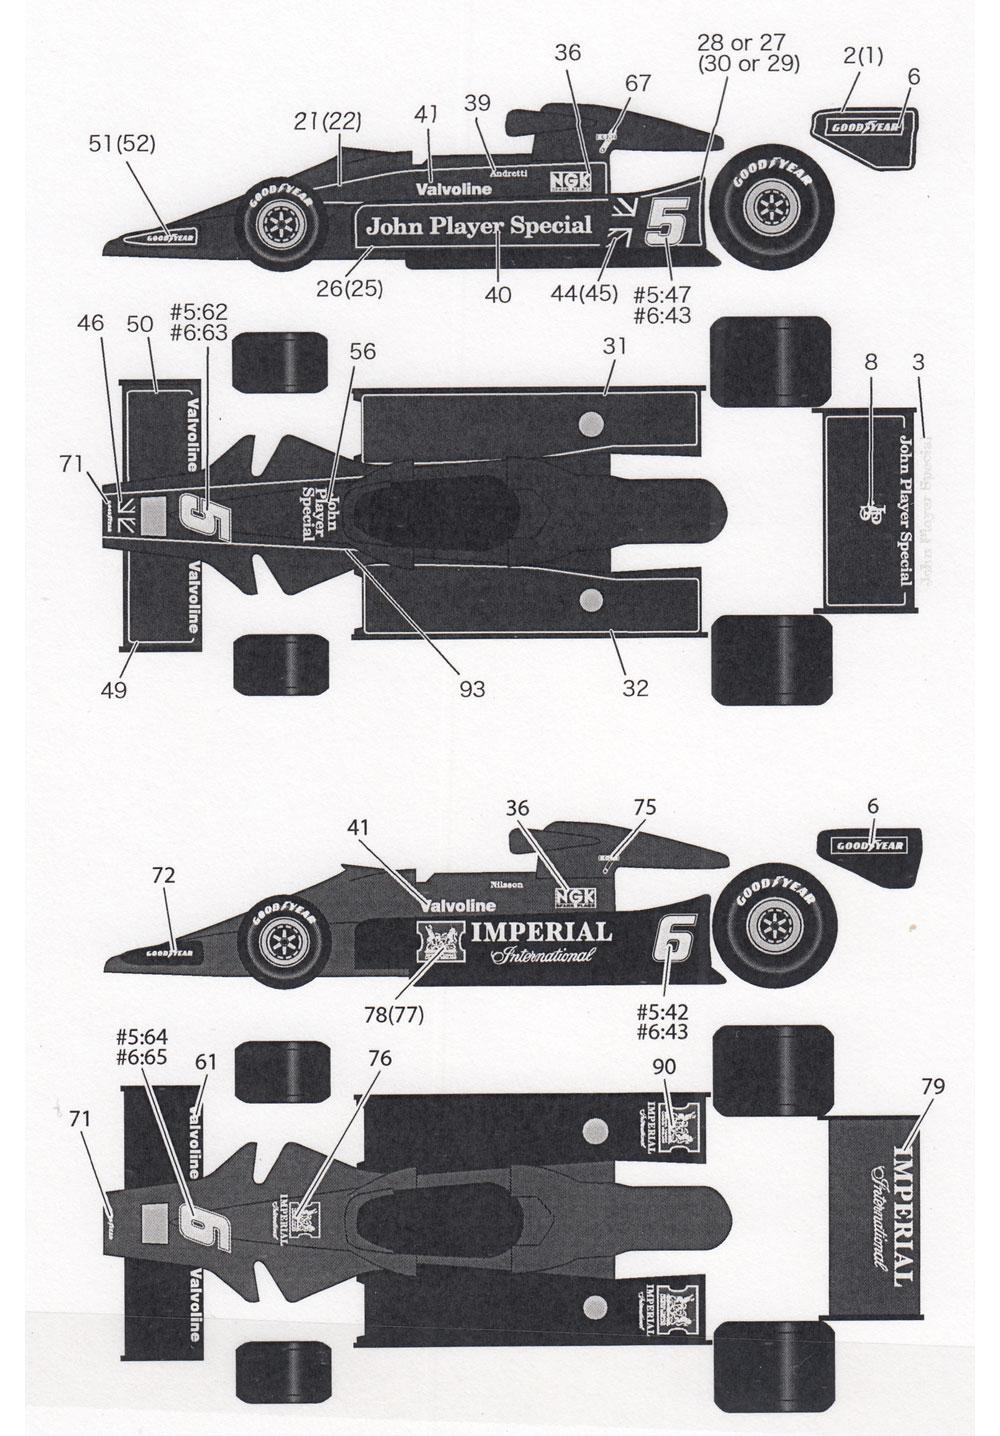 ロータス タイプ78 1978年仕様 フルスポンサーデカールデカール(タブデザイン1/20 デカールNo.TABU-20083)商品画像_1